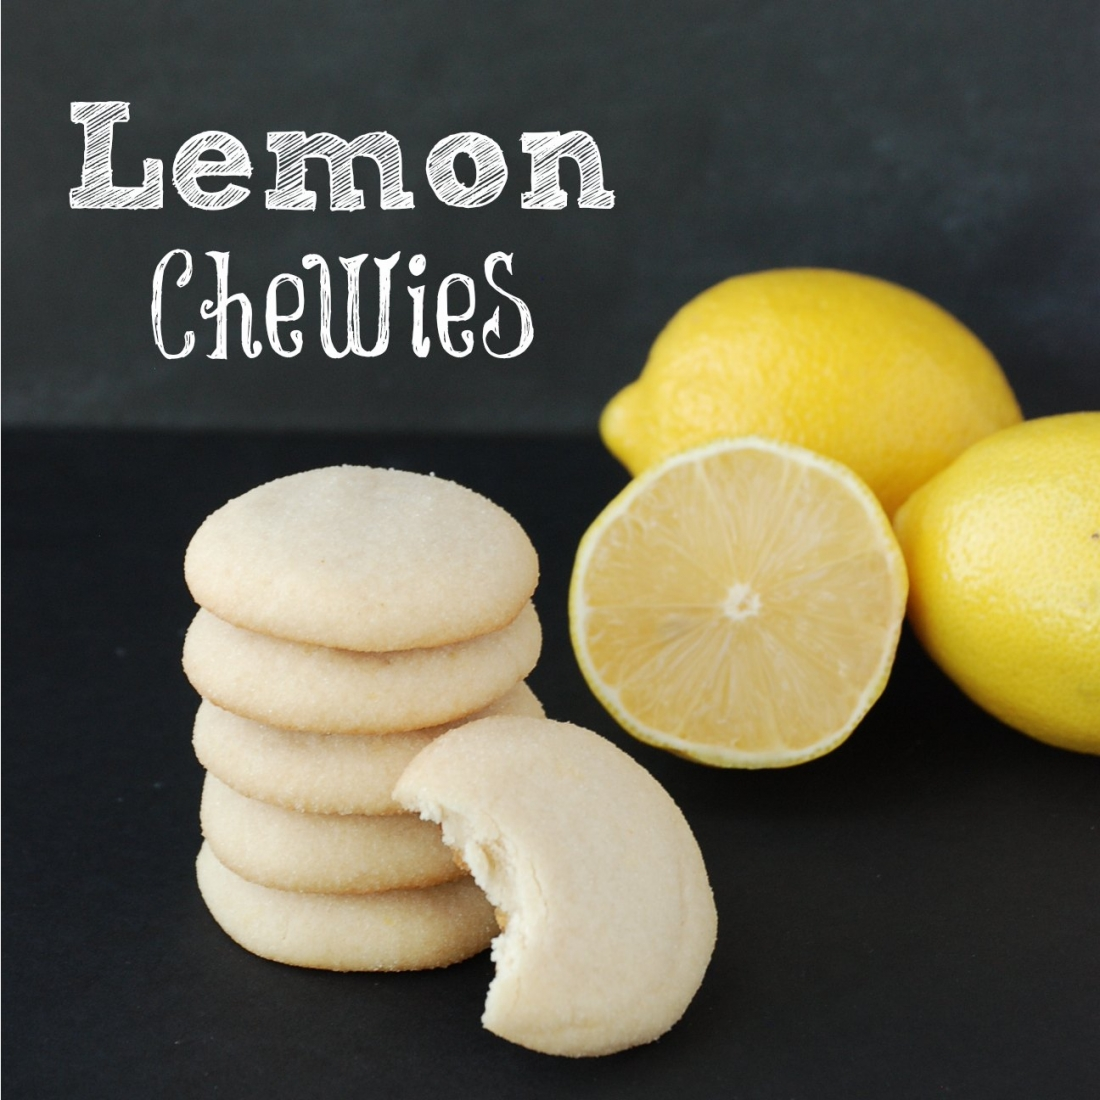 lemon chewies 2013 christmas cookie recipe swap